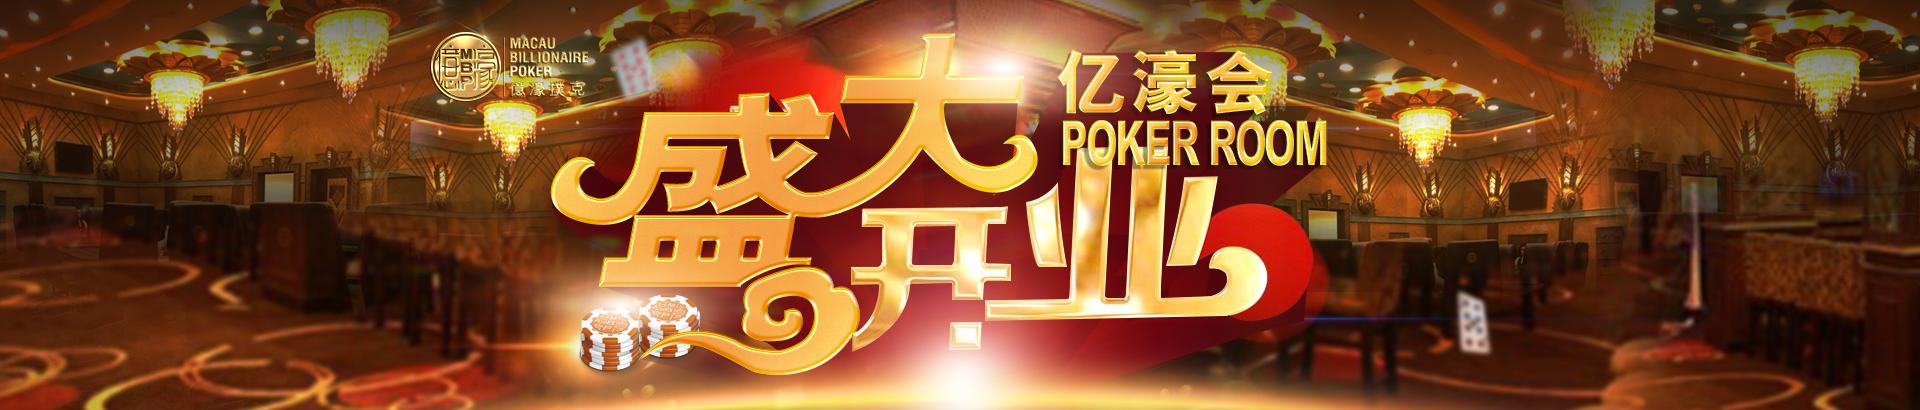 亿濠会poker room盛大开业